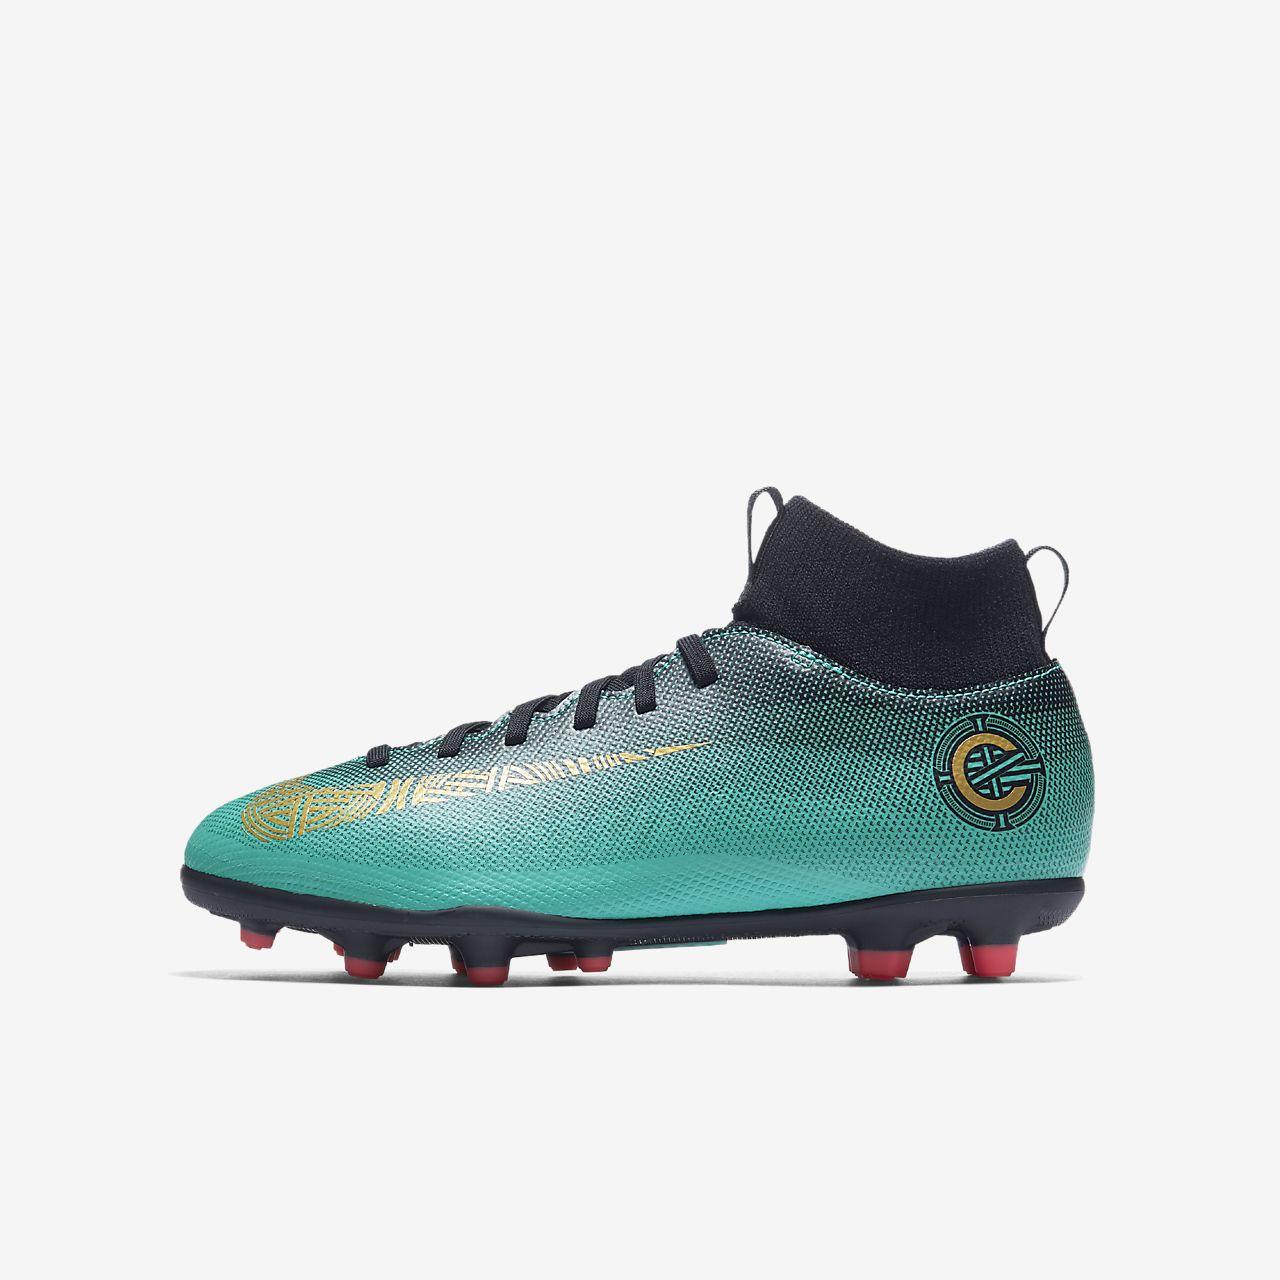 Superfly À Football Cr7 Multi Pour Chaussure Nike Terrains Âgé Enfantenfant De Plus Jr Vi Jeune Club Crampons Mercurial x7Iw5wzEq